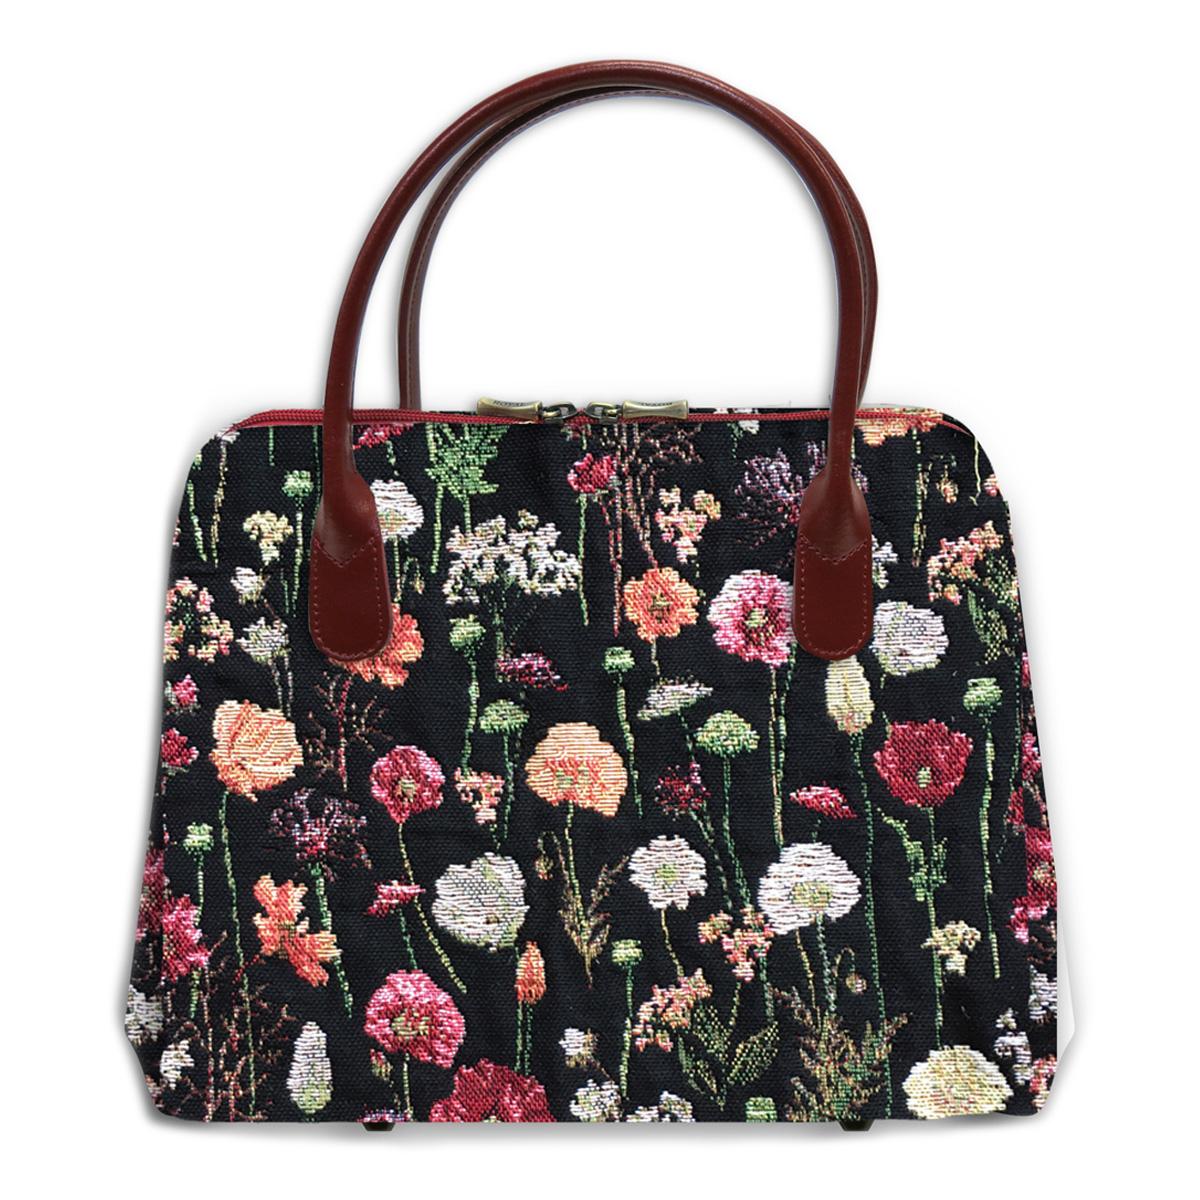 Sac créateur artisanal \'Royal Tapisserie\' noir multicolore (Fleurs en Hiver)  - 30x26x11 cm - [Q9246]